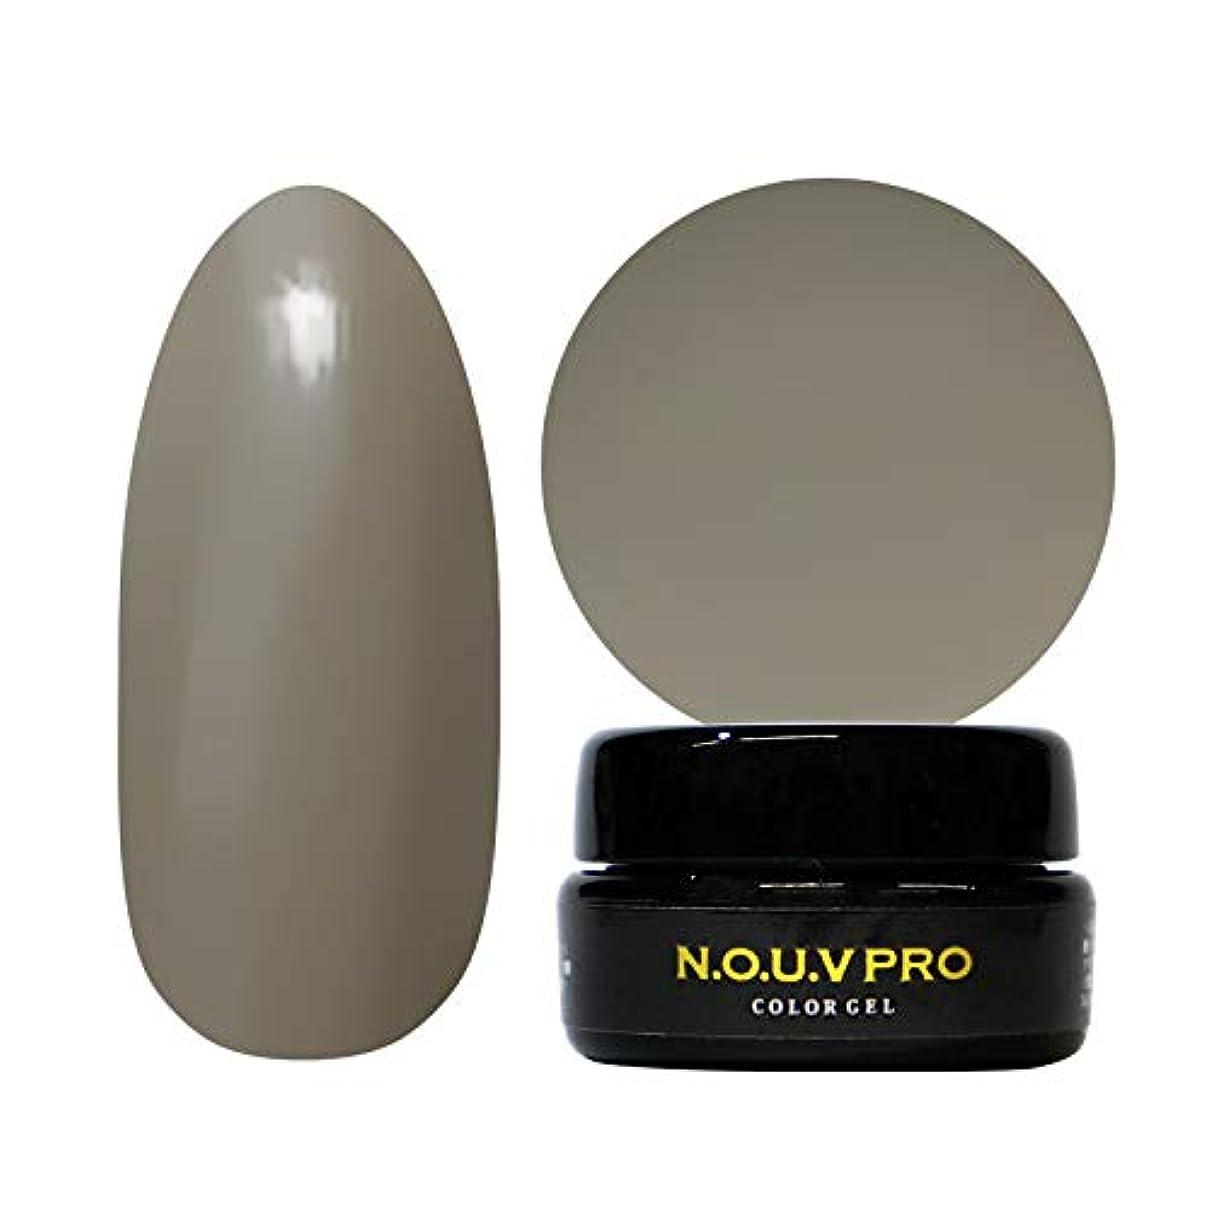 仮装透明に信じられないNOUV Pro ノーヴプロ ジェルネイル カラージェル G09 トープ 4g